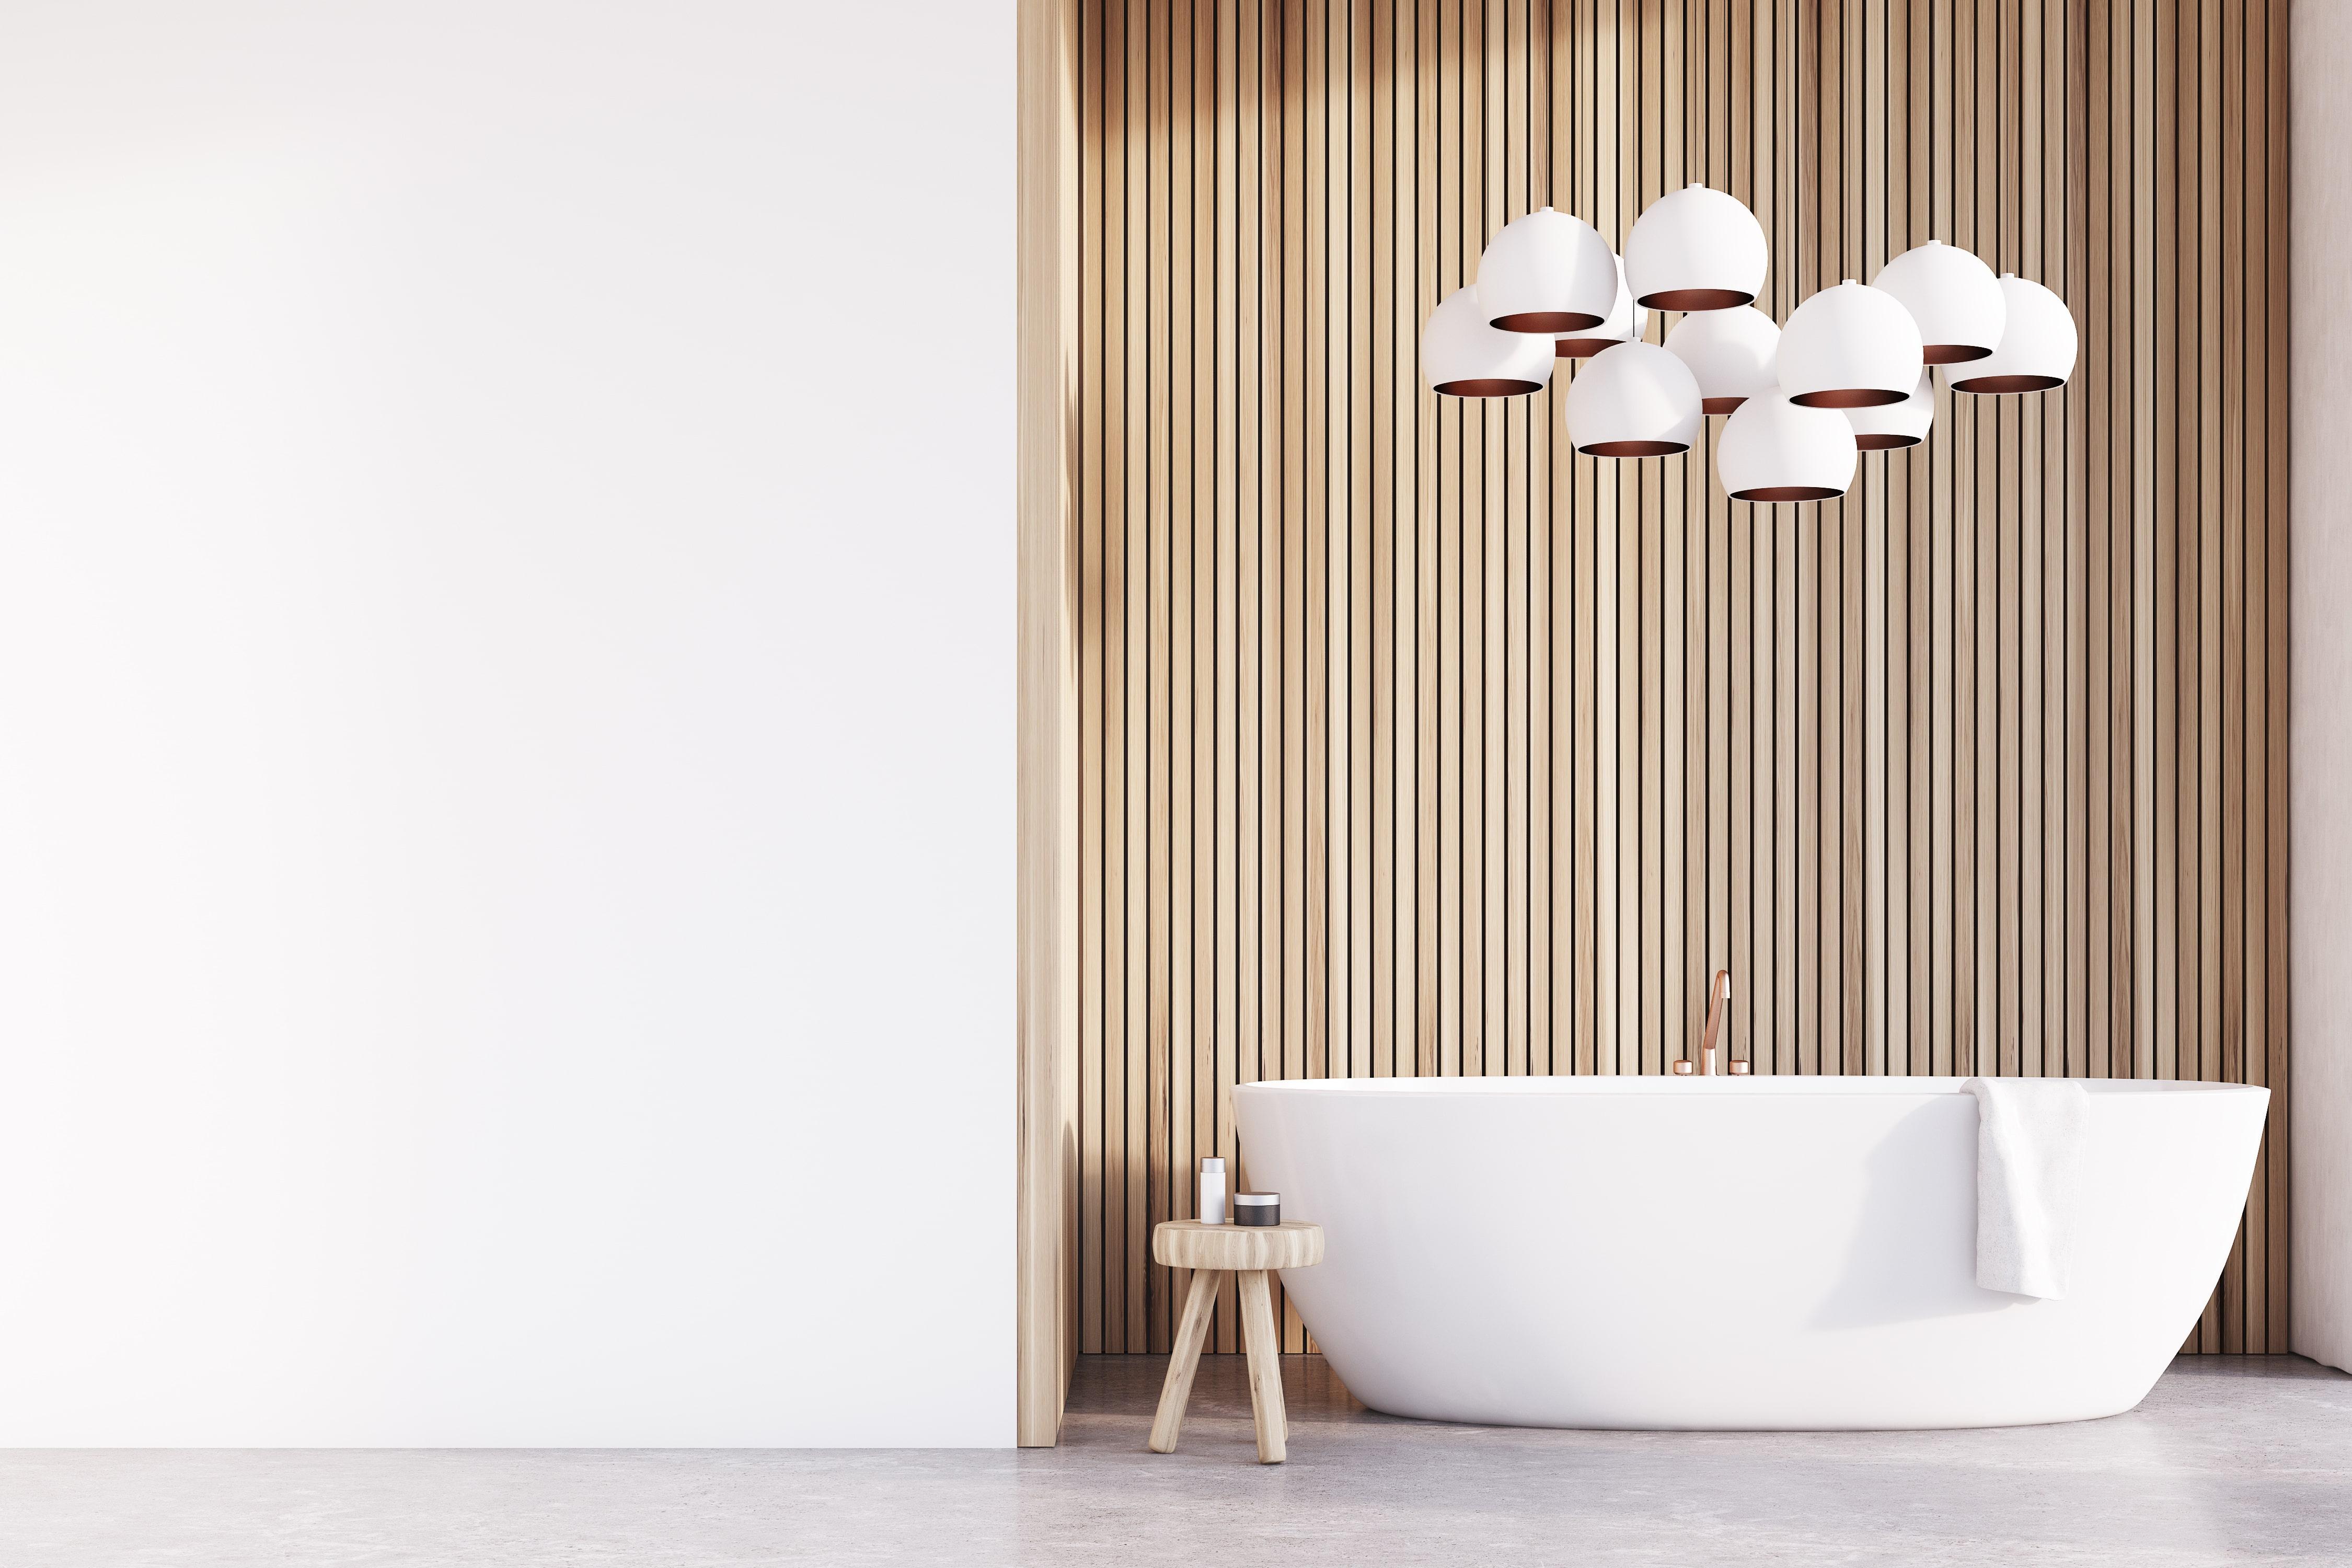 Dimensioni Vasca Da Bagno Libera Installazione : Quanto costa sostituire la vasca da bagno con doccia